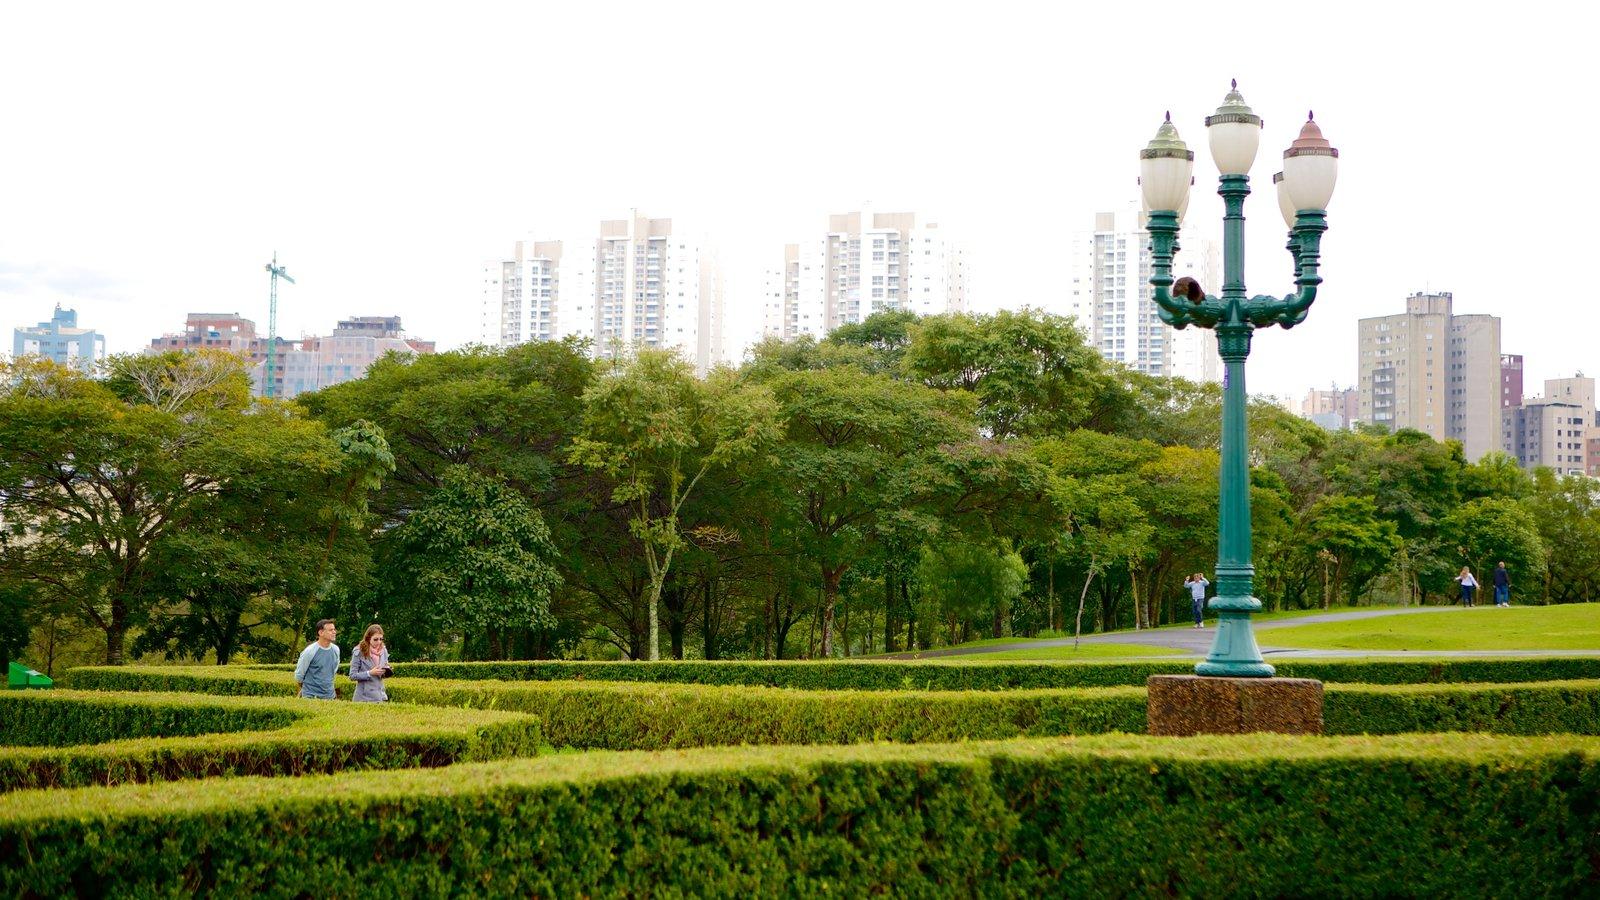 Parque Botânico de Curitiba mostrando um parque